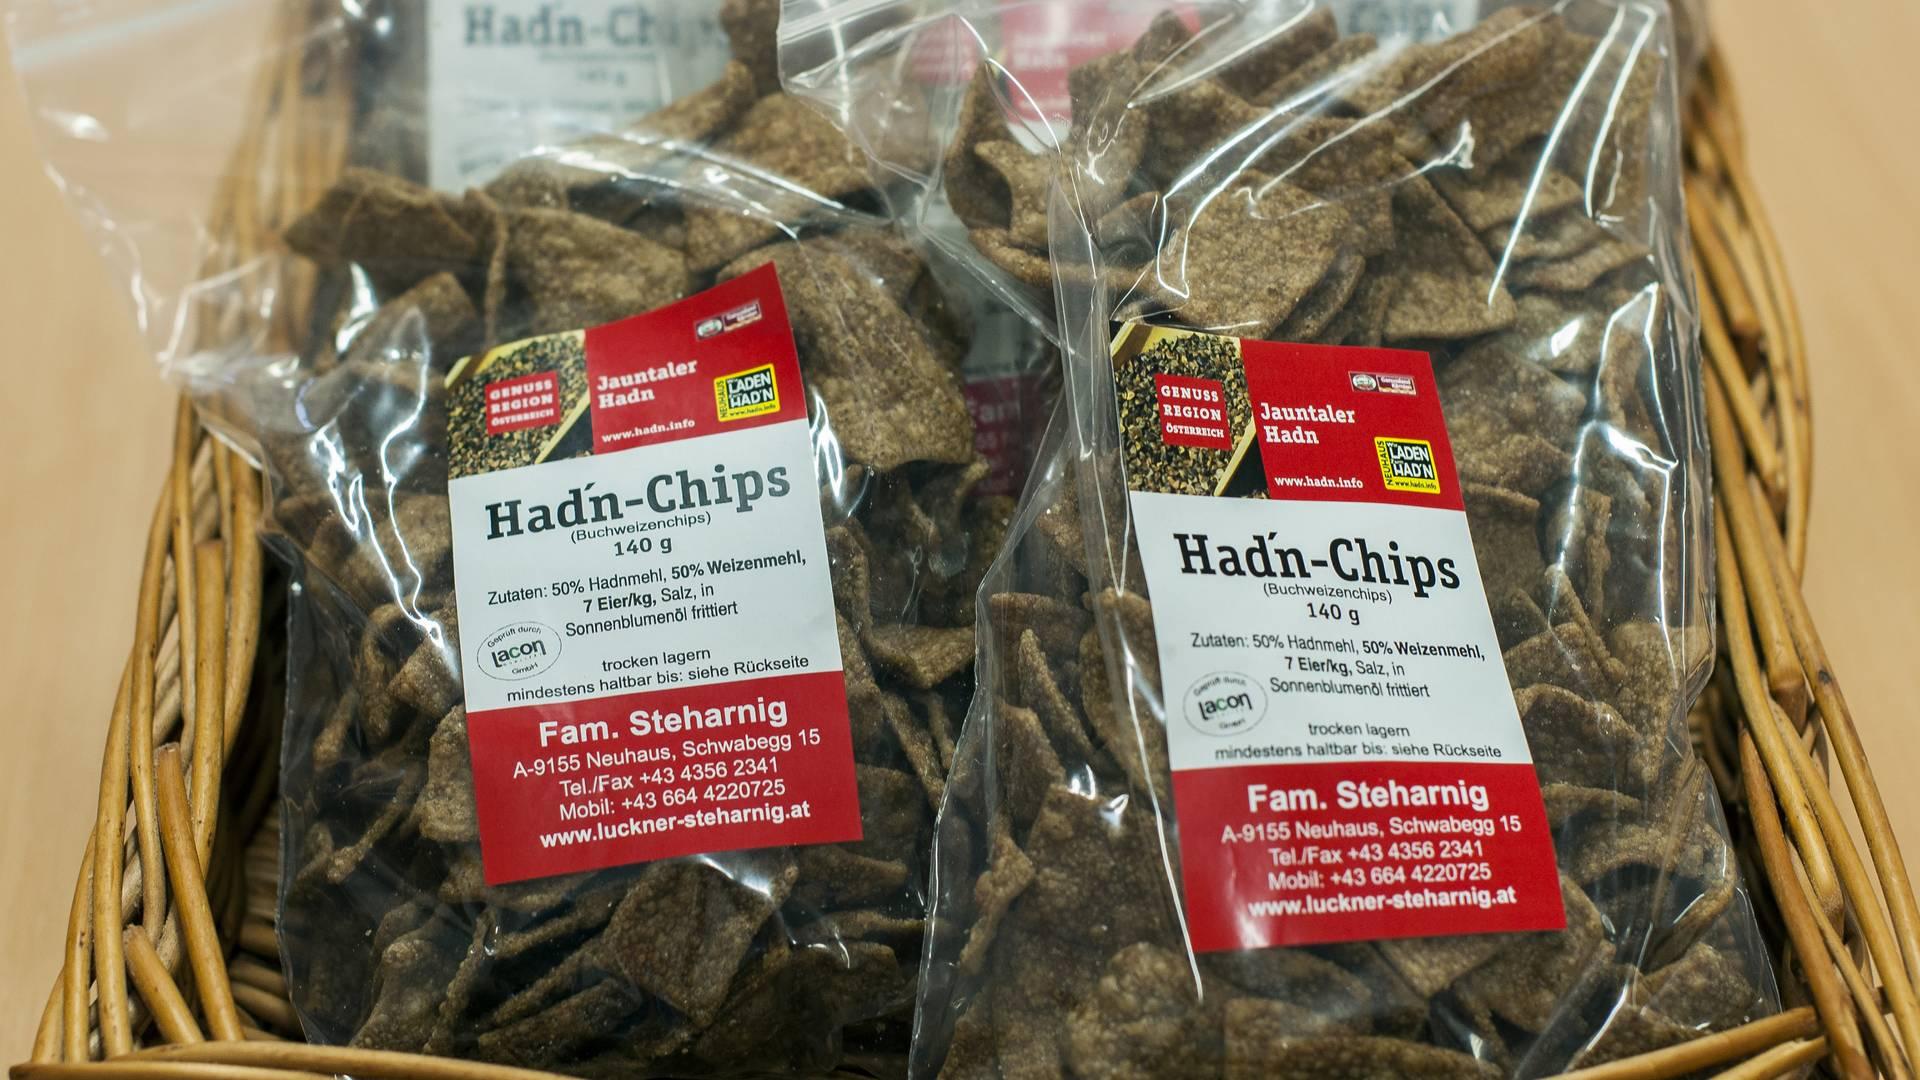 Hadn-Chips zum Knabbern